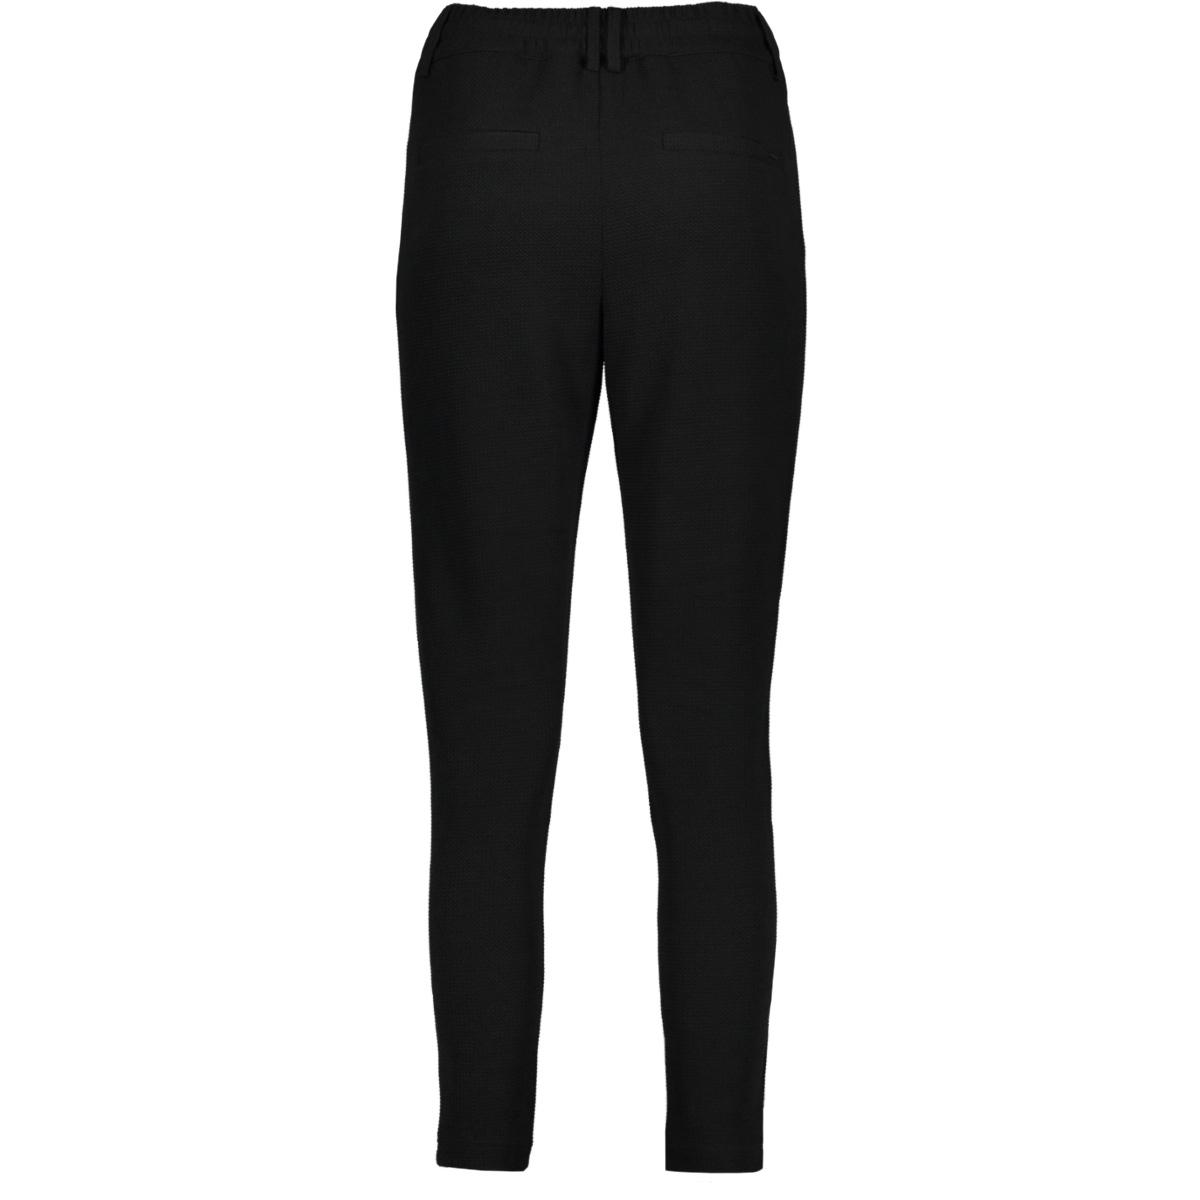 onlpoptrash easy pop pant rp noos 15126112 only broek black